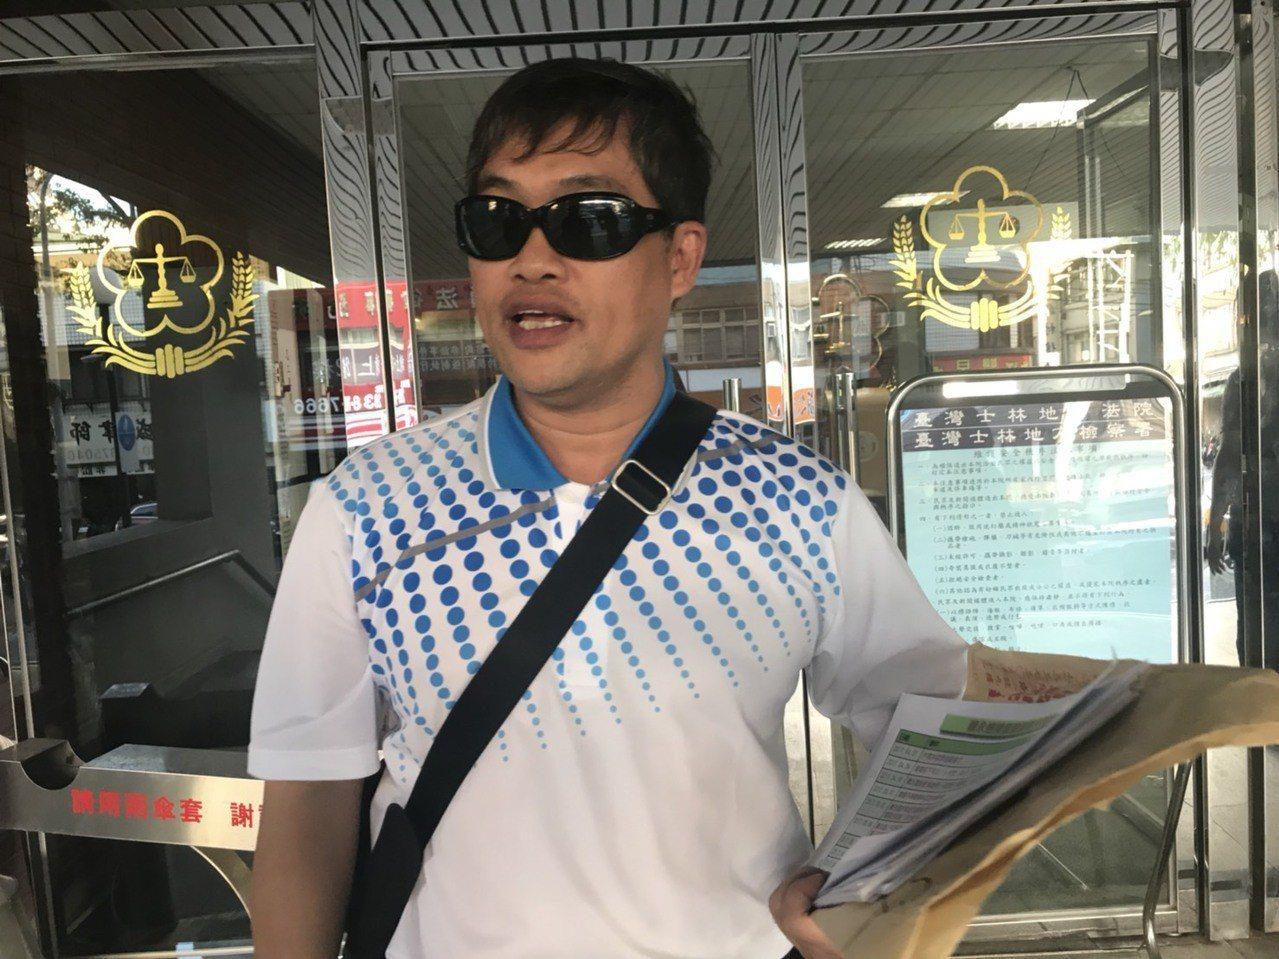 高雄市議員蕭永達今日出庭。記者蕭雅娟/攝影